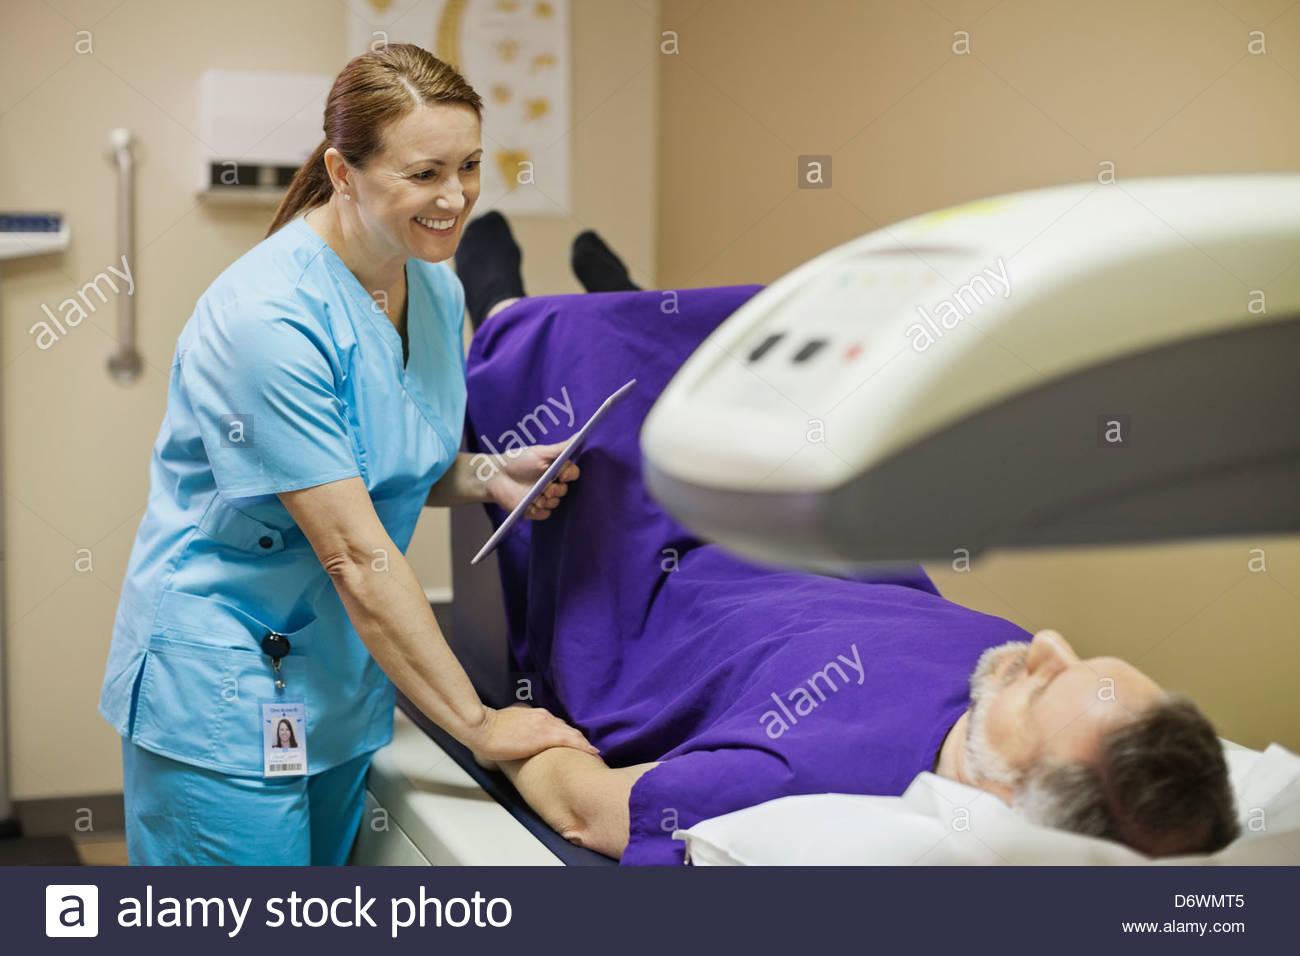 Senior man having bone denisty test - Stock Image